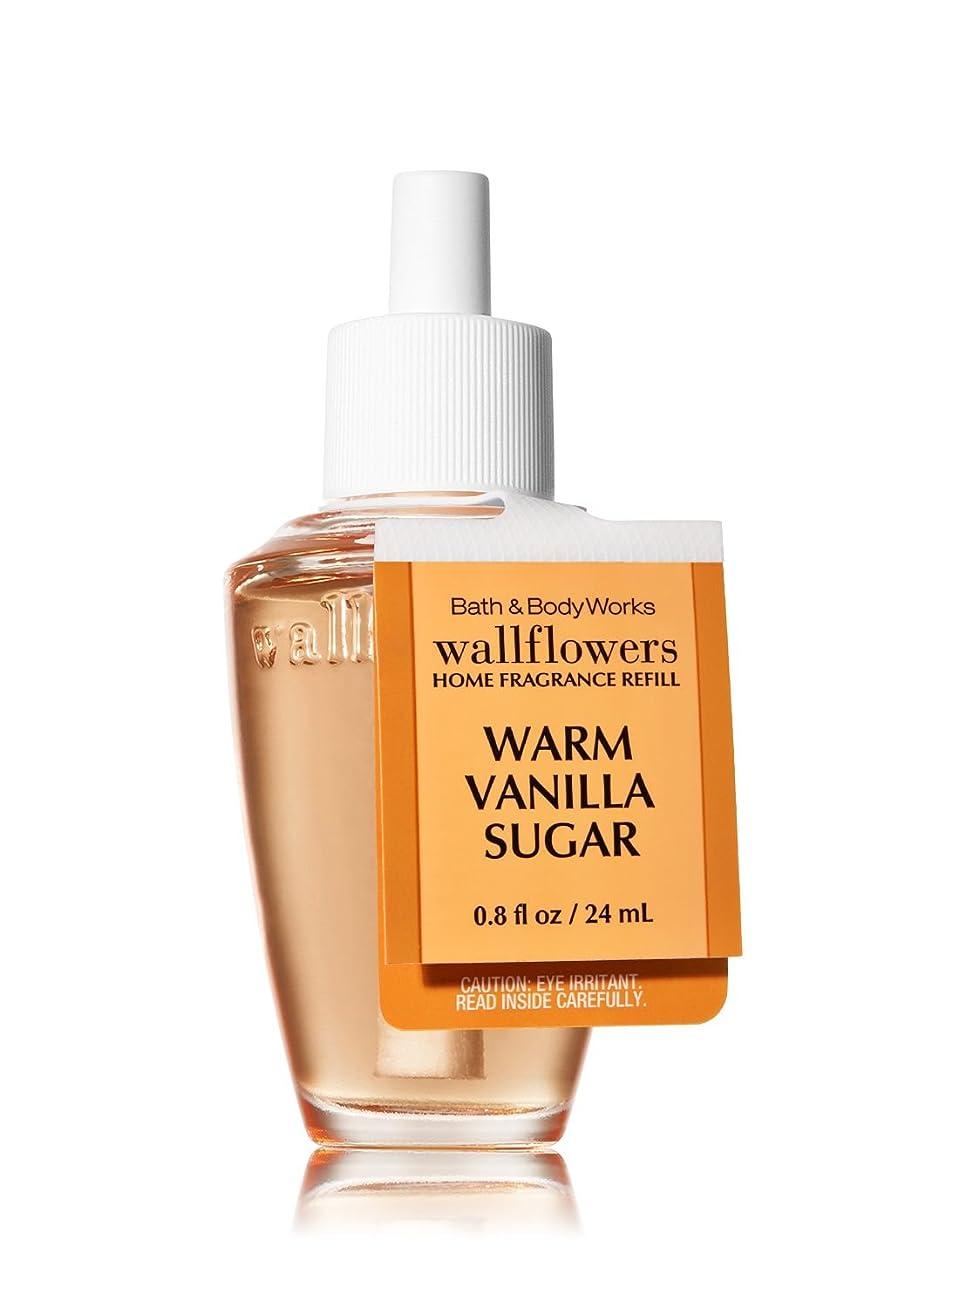 シャープする必要がある歌詞【Bath&Body Works/バス&ボディワークス】 ルームフレグランス 詰替えリフィル ウォームバニラシュガー Wallflowers Home Fragrance Refill Warm Vanilla Sugar [並行輸入品]